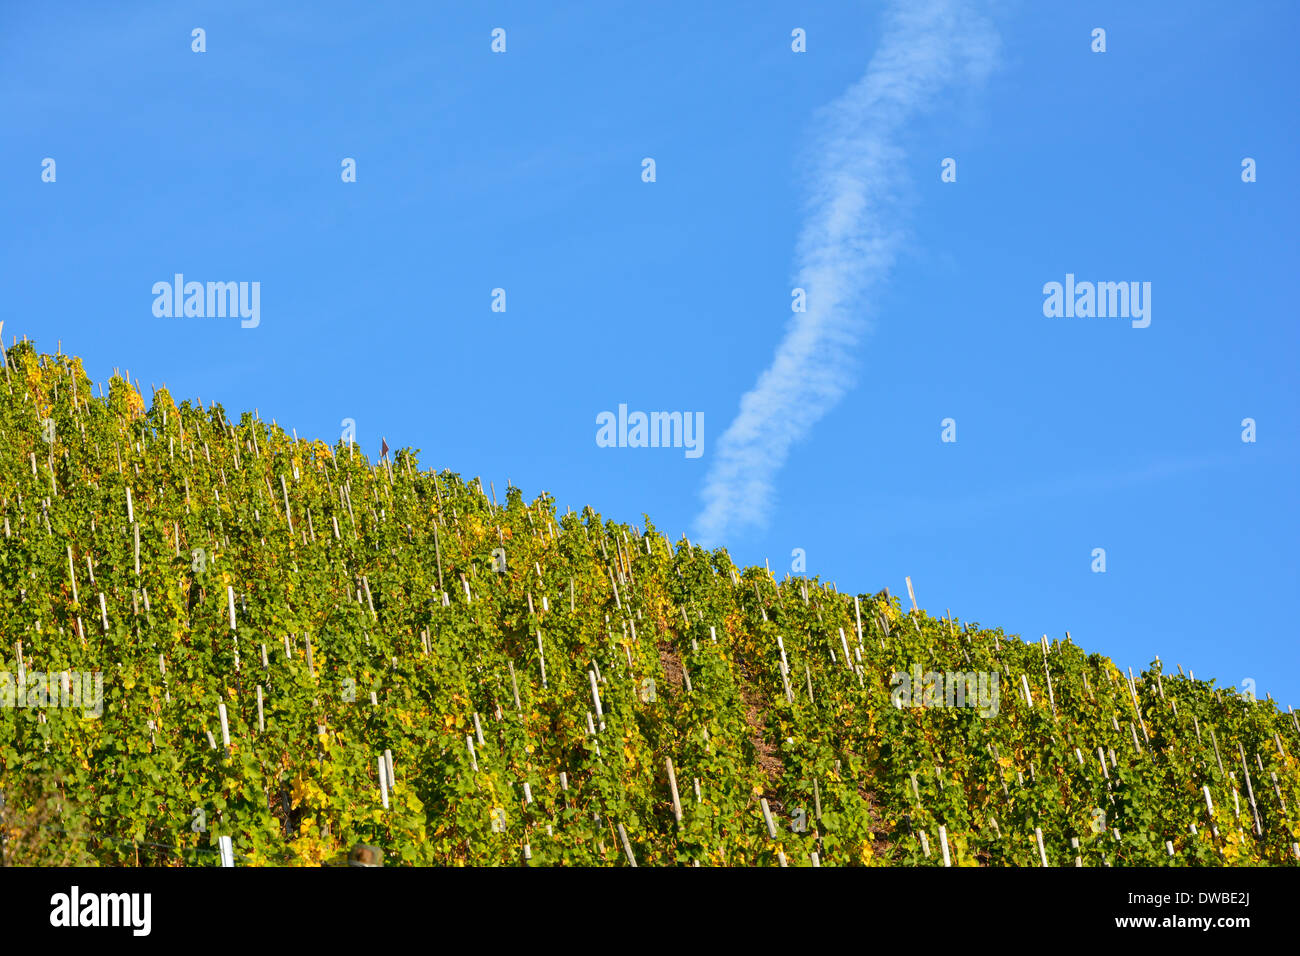 vineyard with blue sky and vapour trail Moselle Weinberg an der Mosel mit blauem Himmel und Kondensstreifen Stock Photo